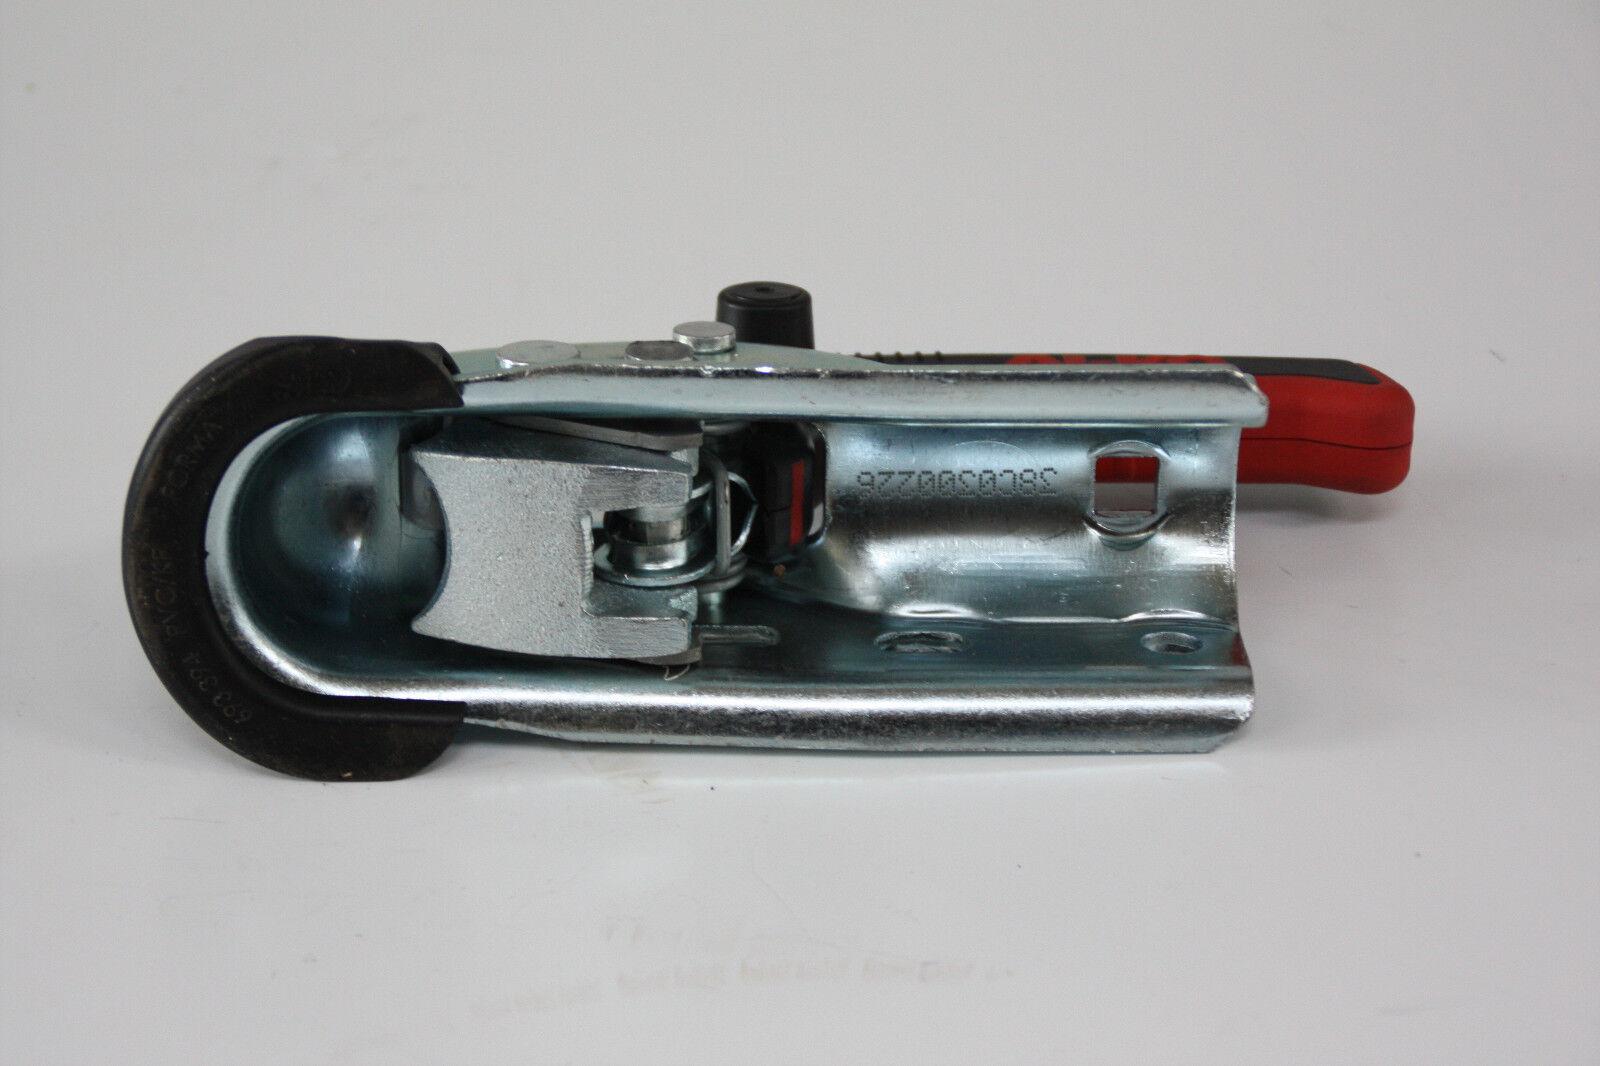 AL-KO Kugelkupplung AK 270 optima Anhänger bis 2700 kg Universal Kupplung 50mm